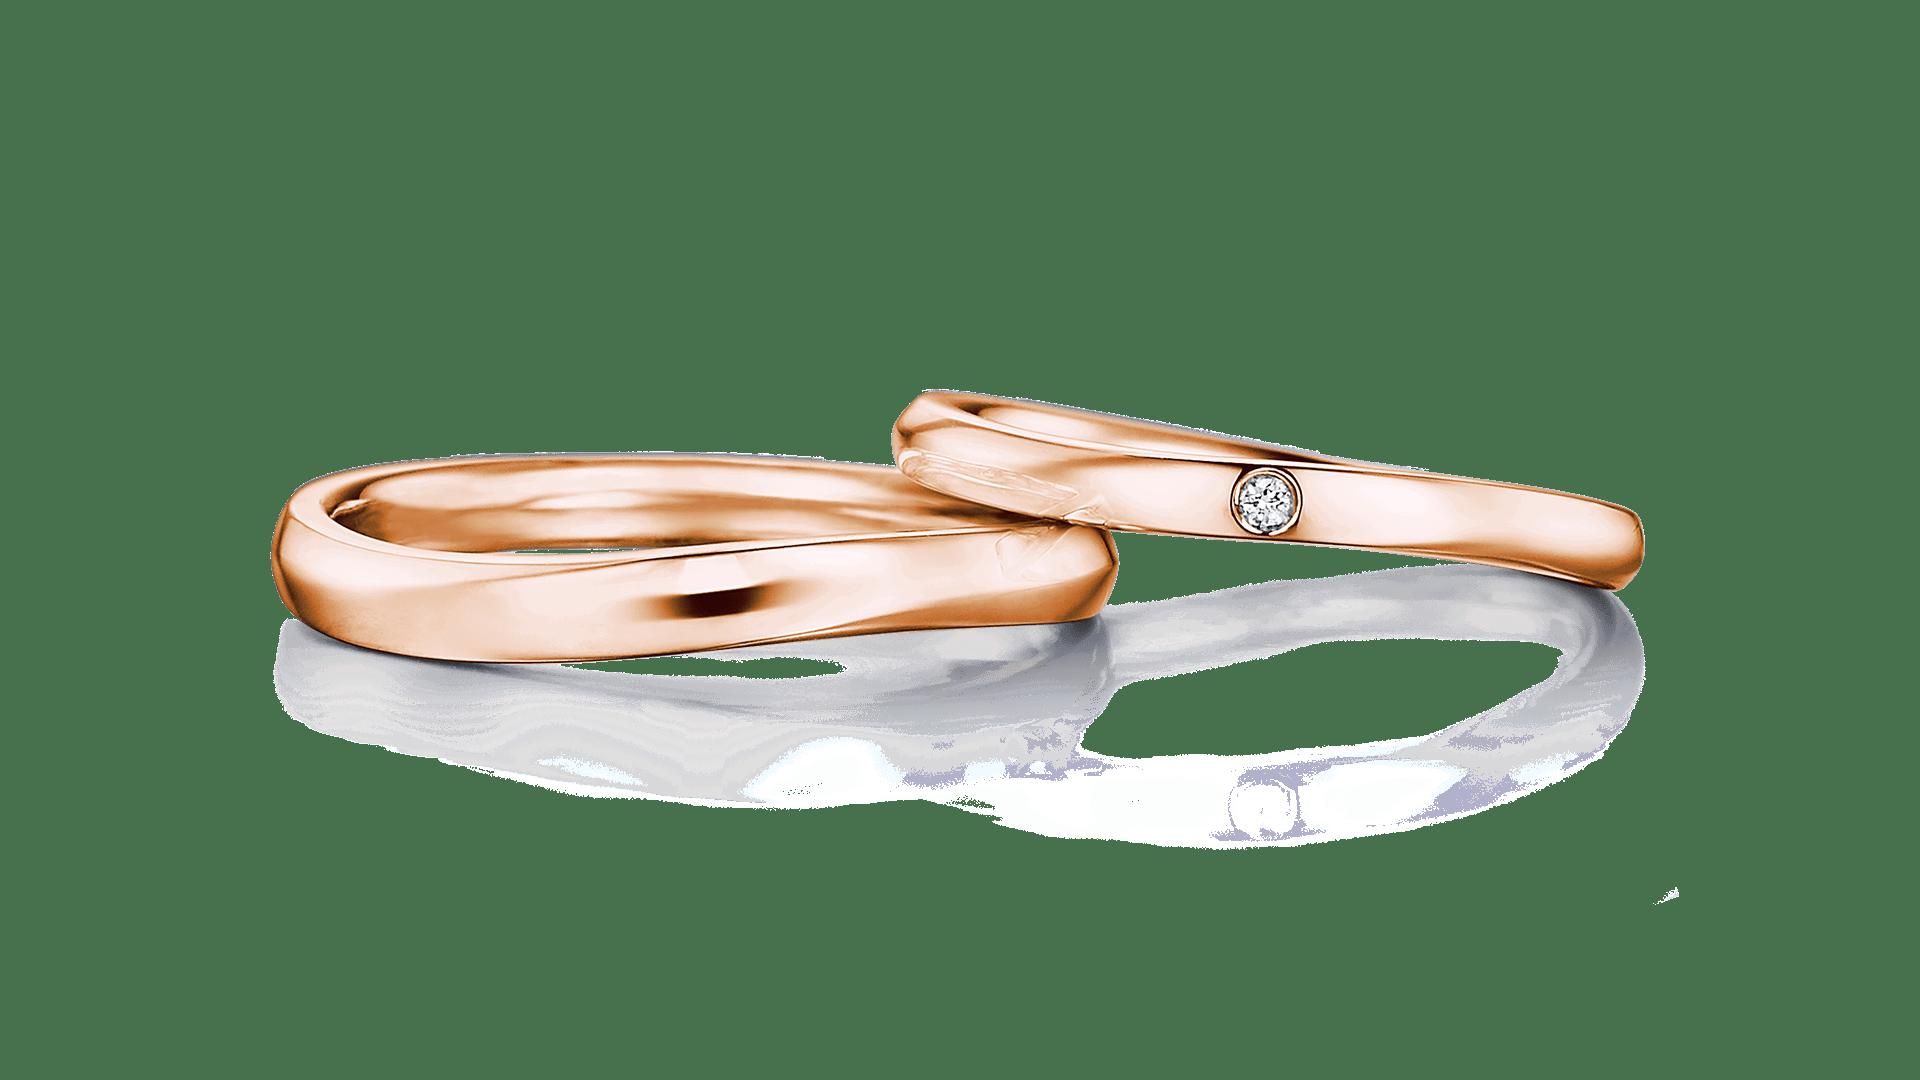 wenus ウェヌス | 結婚指輪サムネイル 1